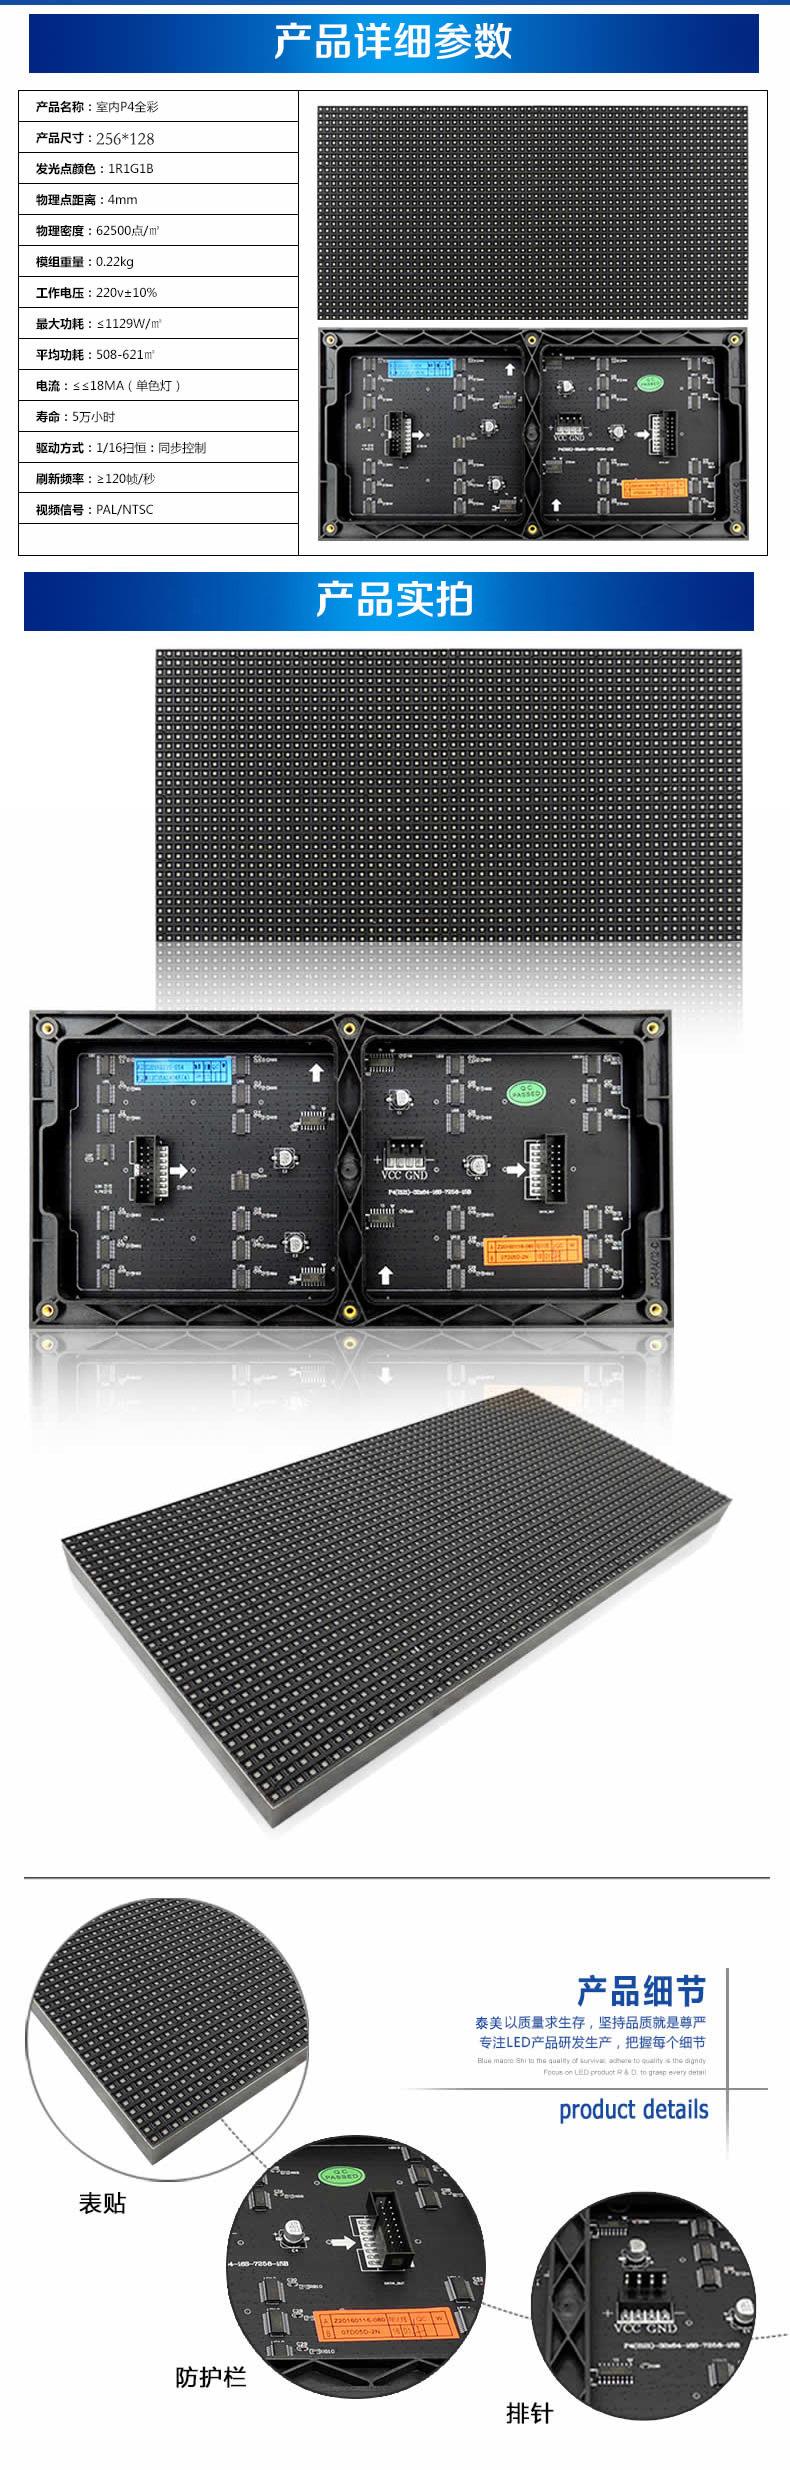 P4室内全彩led显示屏广告屏 全彩高清显示屏电子显示屏户内大屏幕示例图5